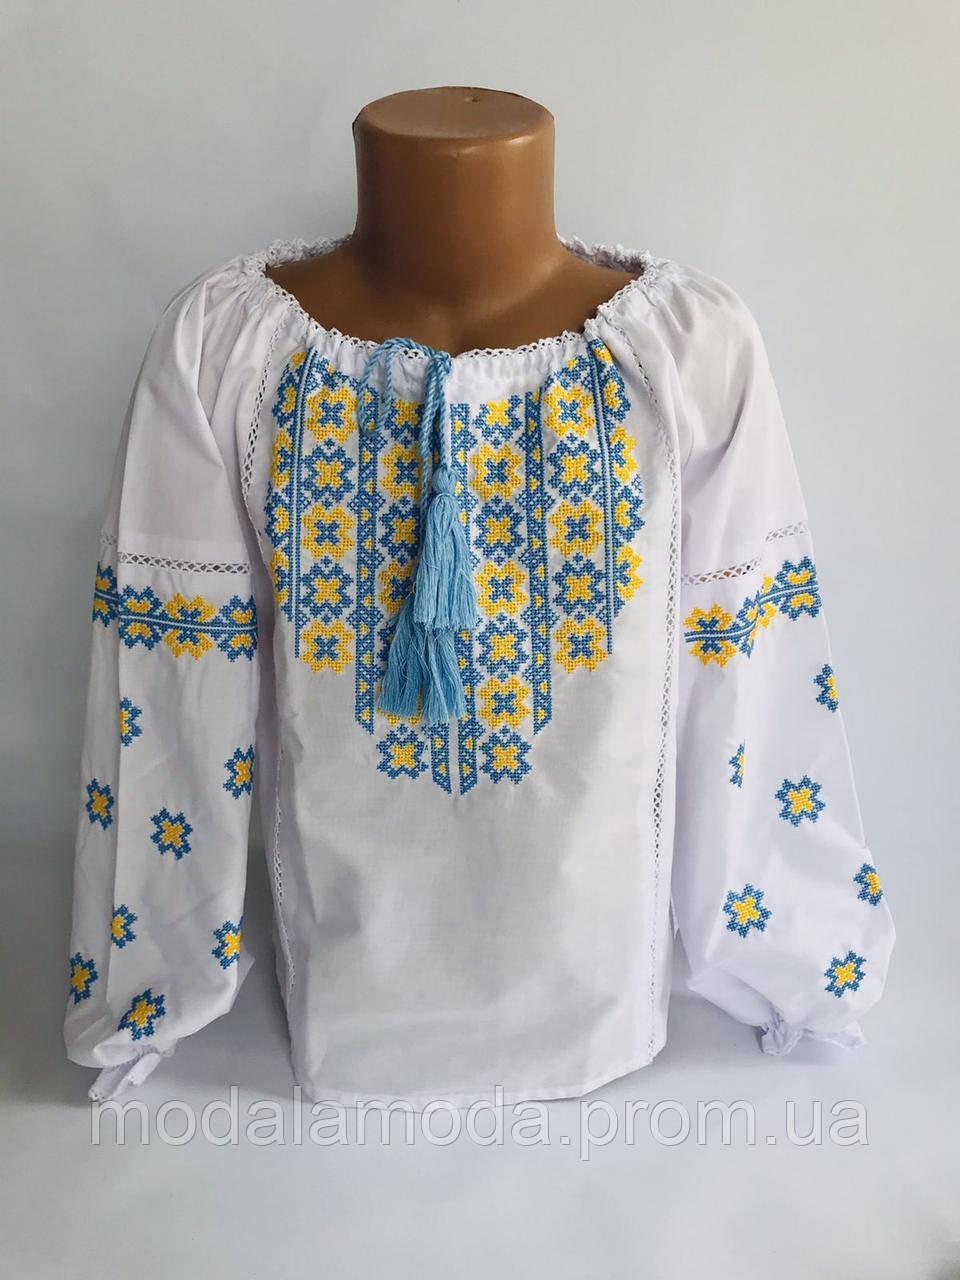 Вышиванка для девочки размер (с 122 по 152)